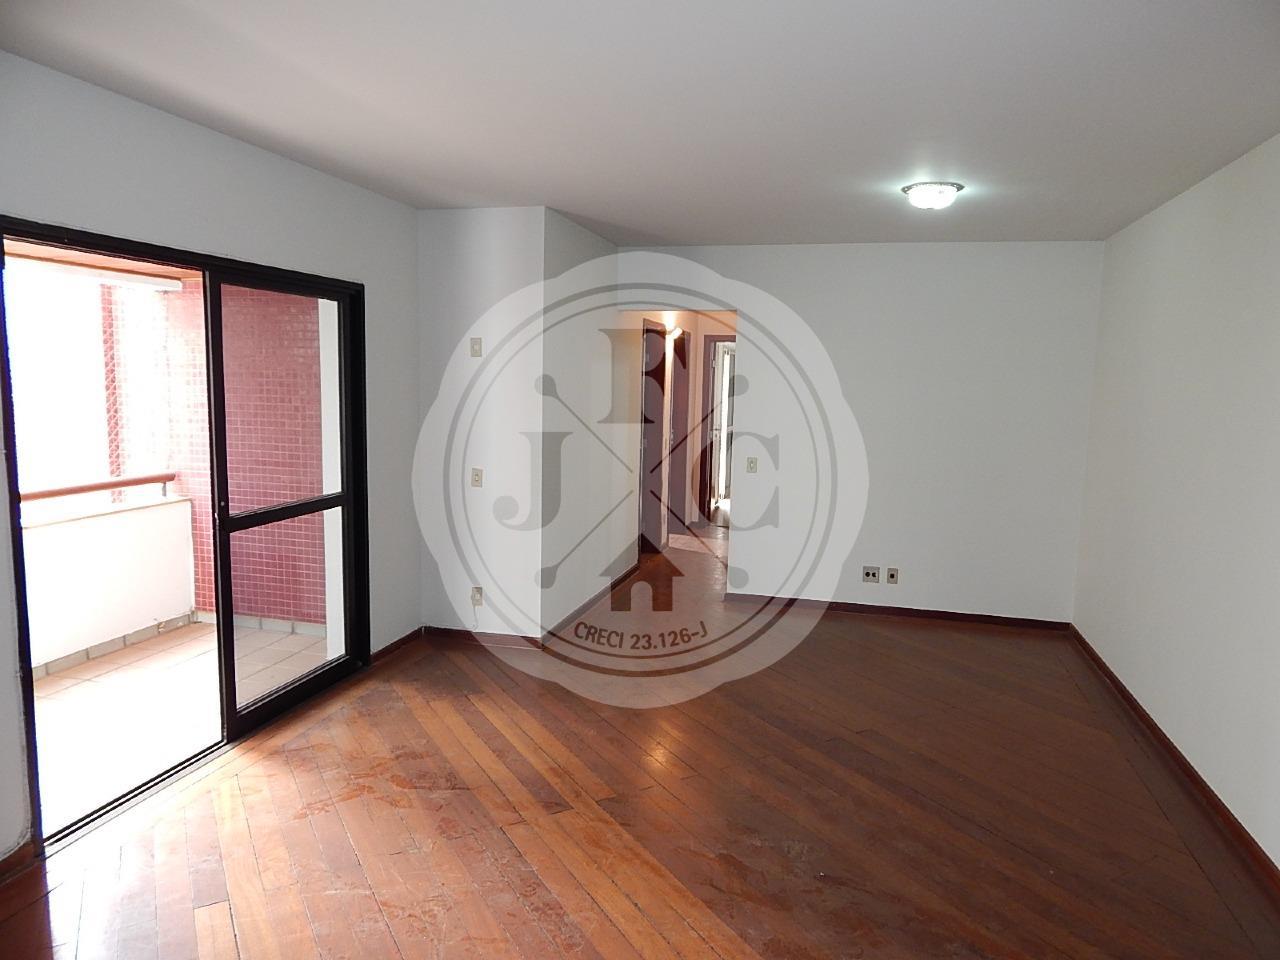 Apartamento para locação, 3 dormitórios com 1 suíte no bairro Higienópolis.